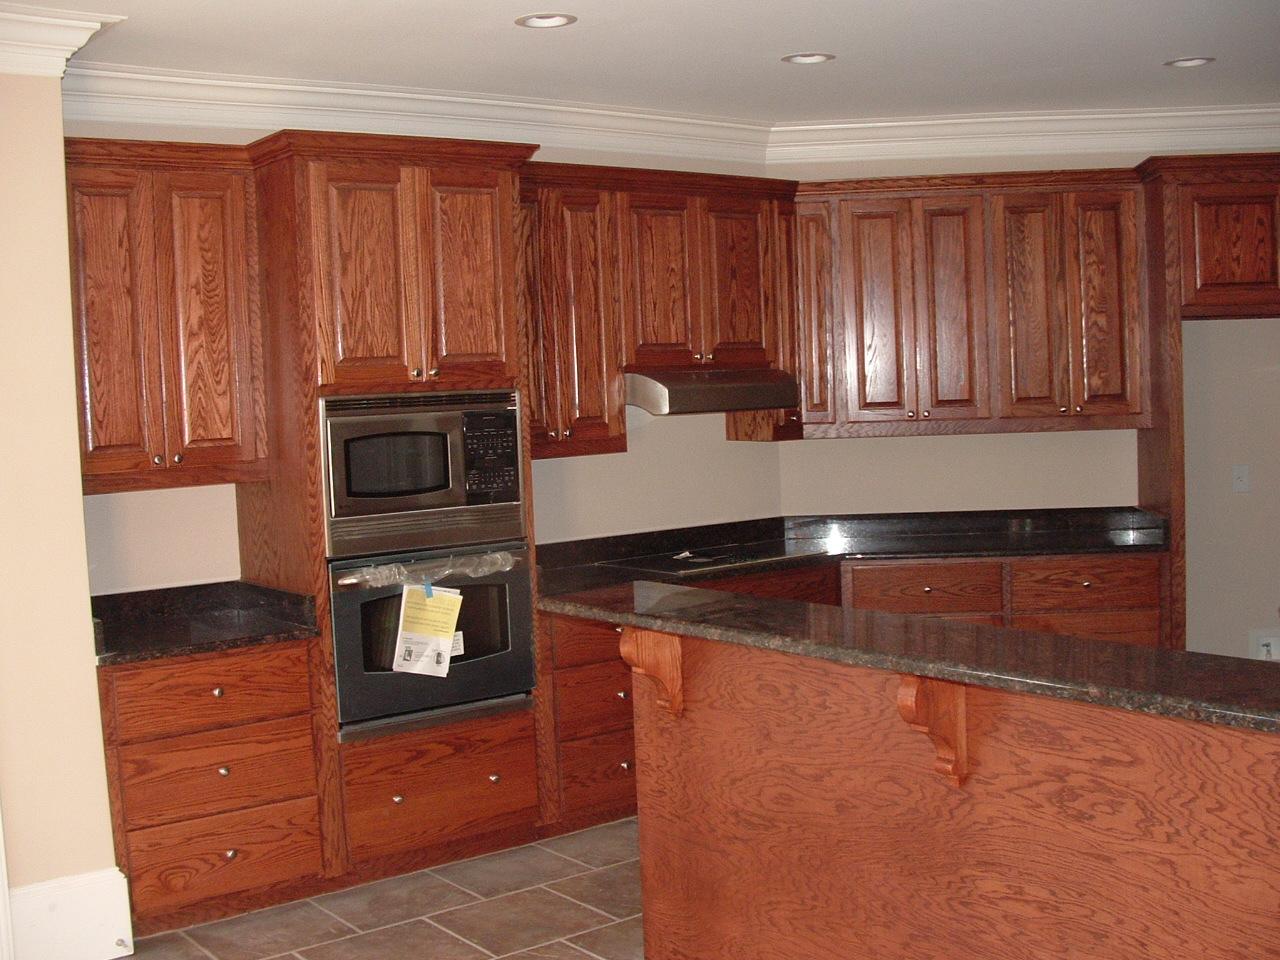 Black kitchen storage cabinet Photo - 1